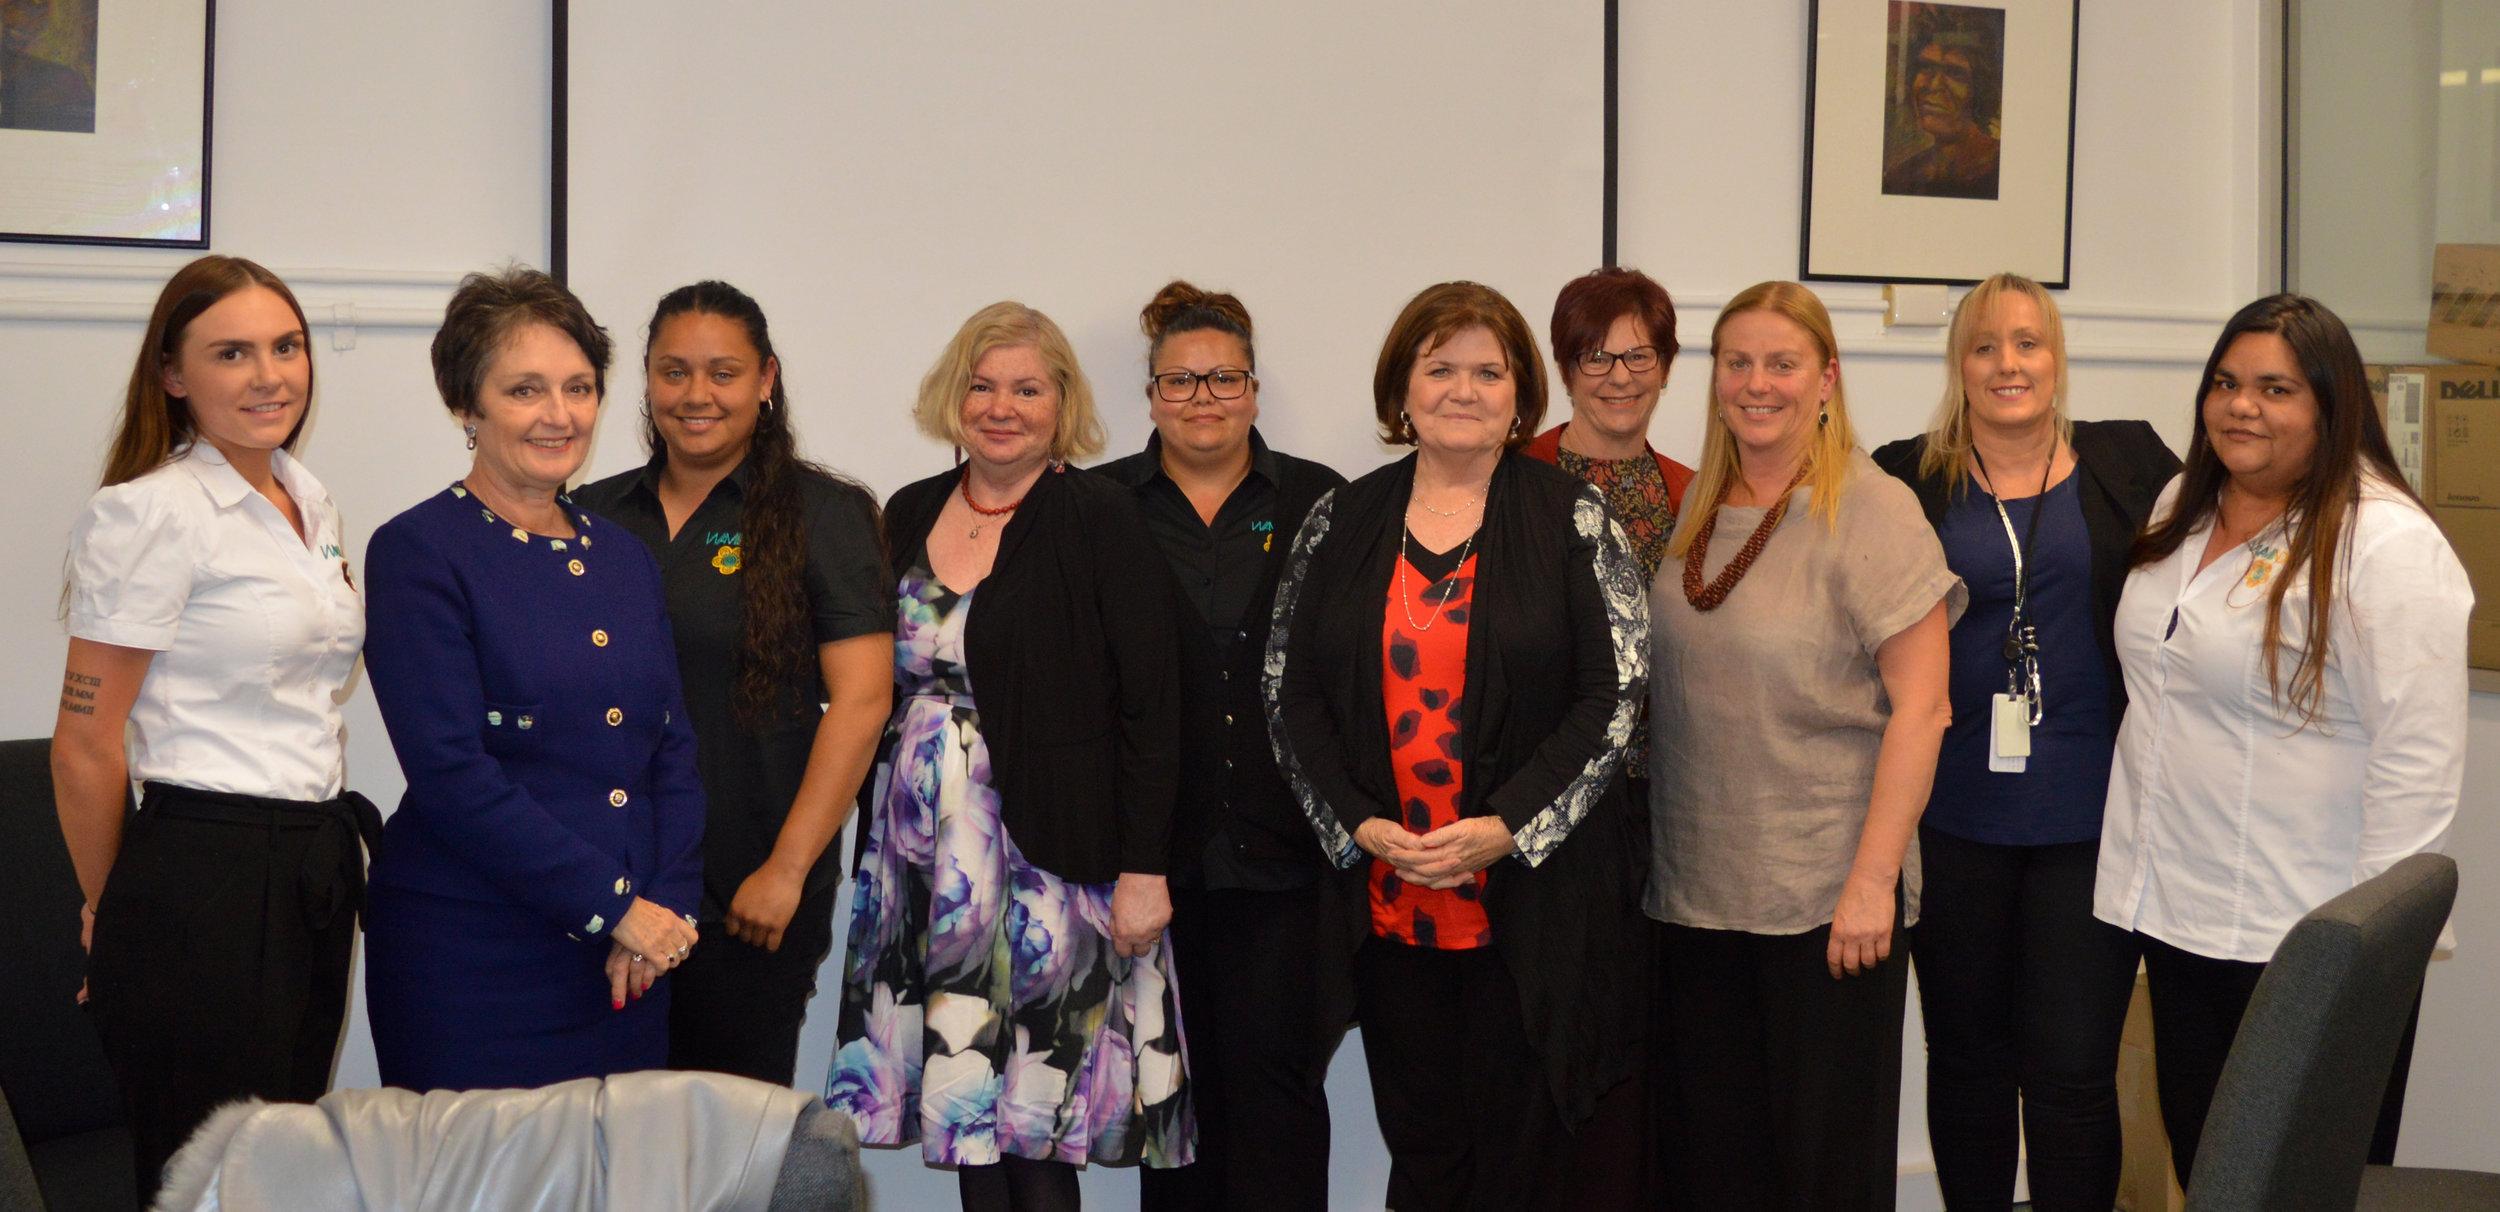 The Nabu and MacKillop Teams/Partnership meeting with Minister Goward and Shelley Hancock at Waminda